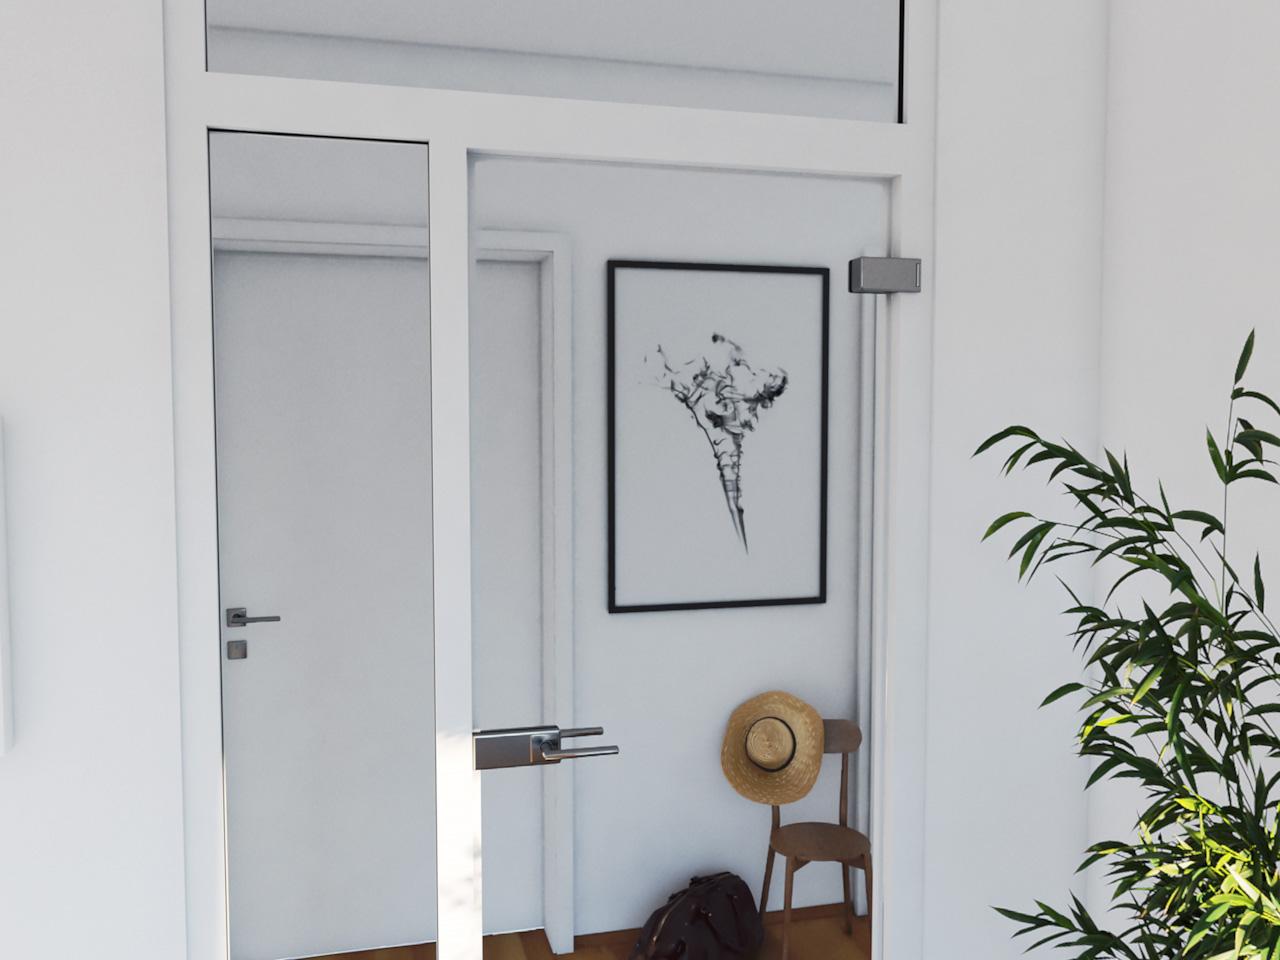 Blick durch eine Glastür in den Flur